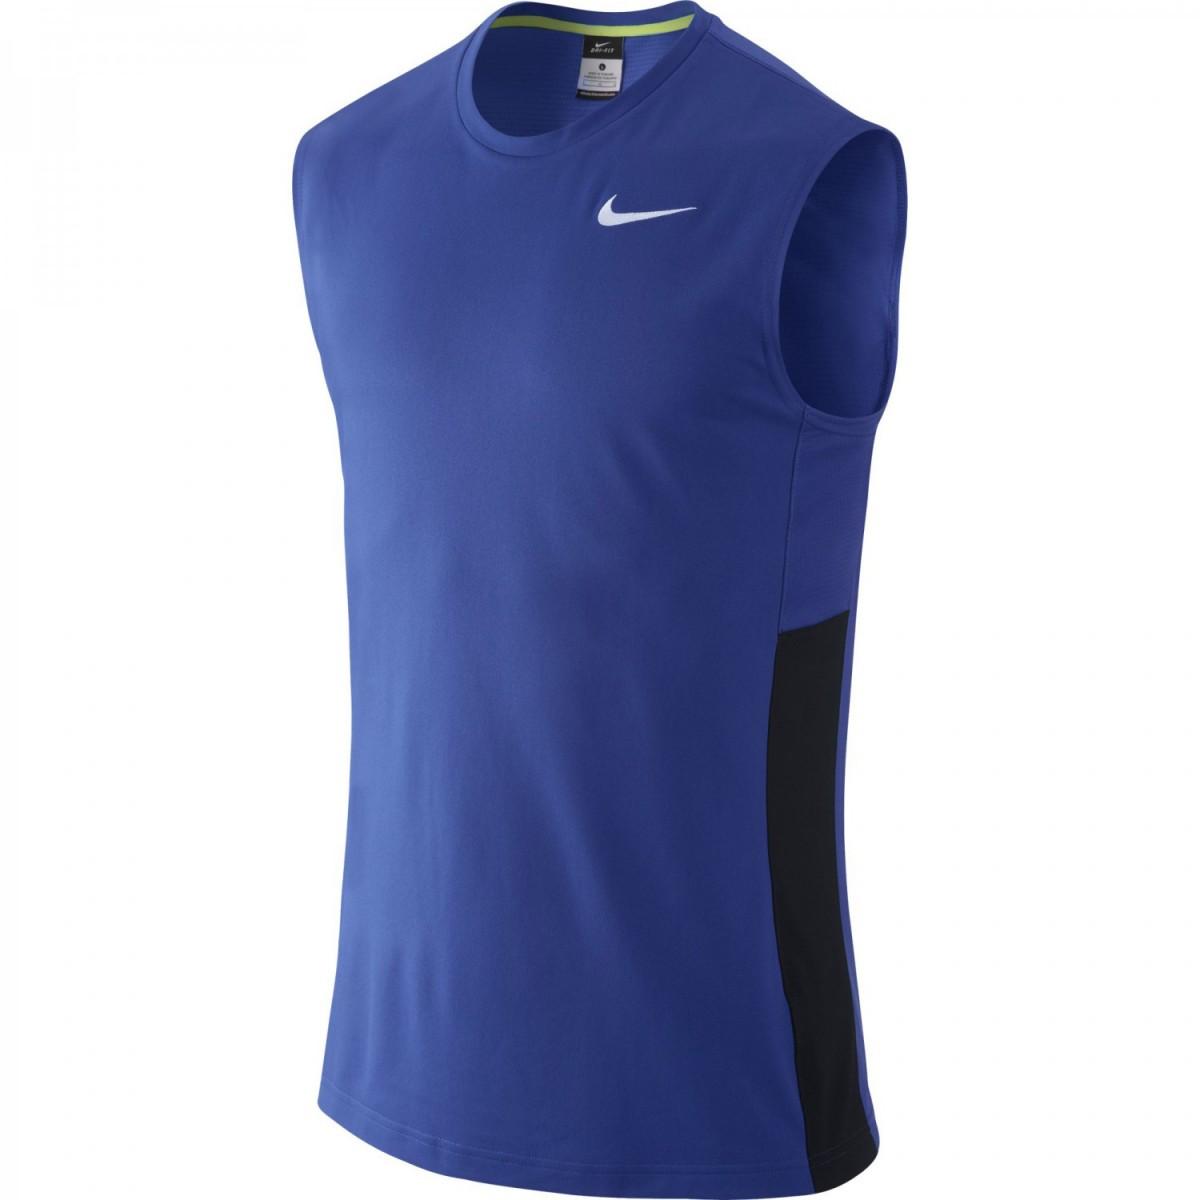 cd6812b253 Bizz Store - Regata Masculina Nike Crossover Basquete